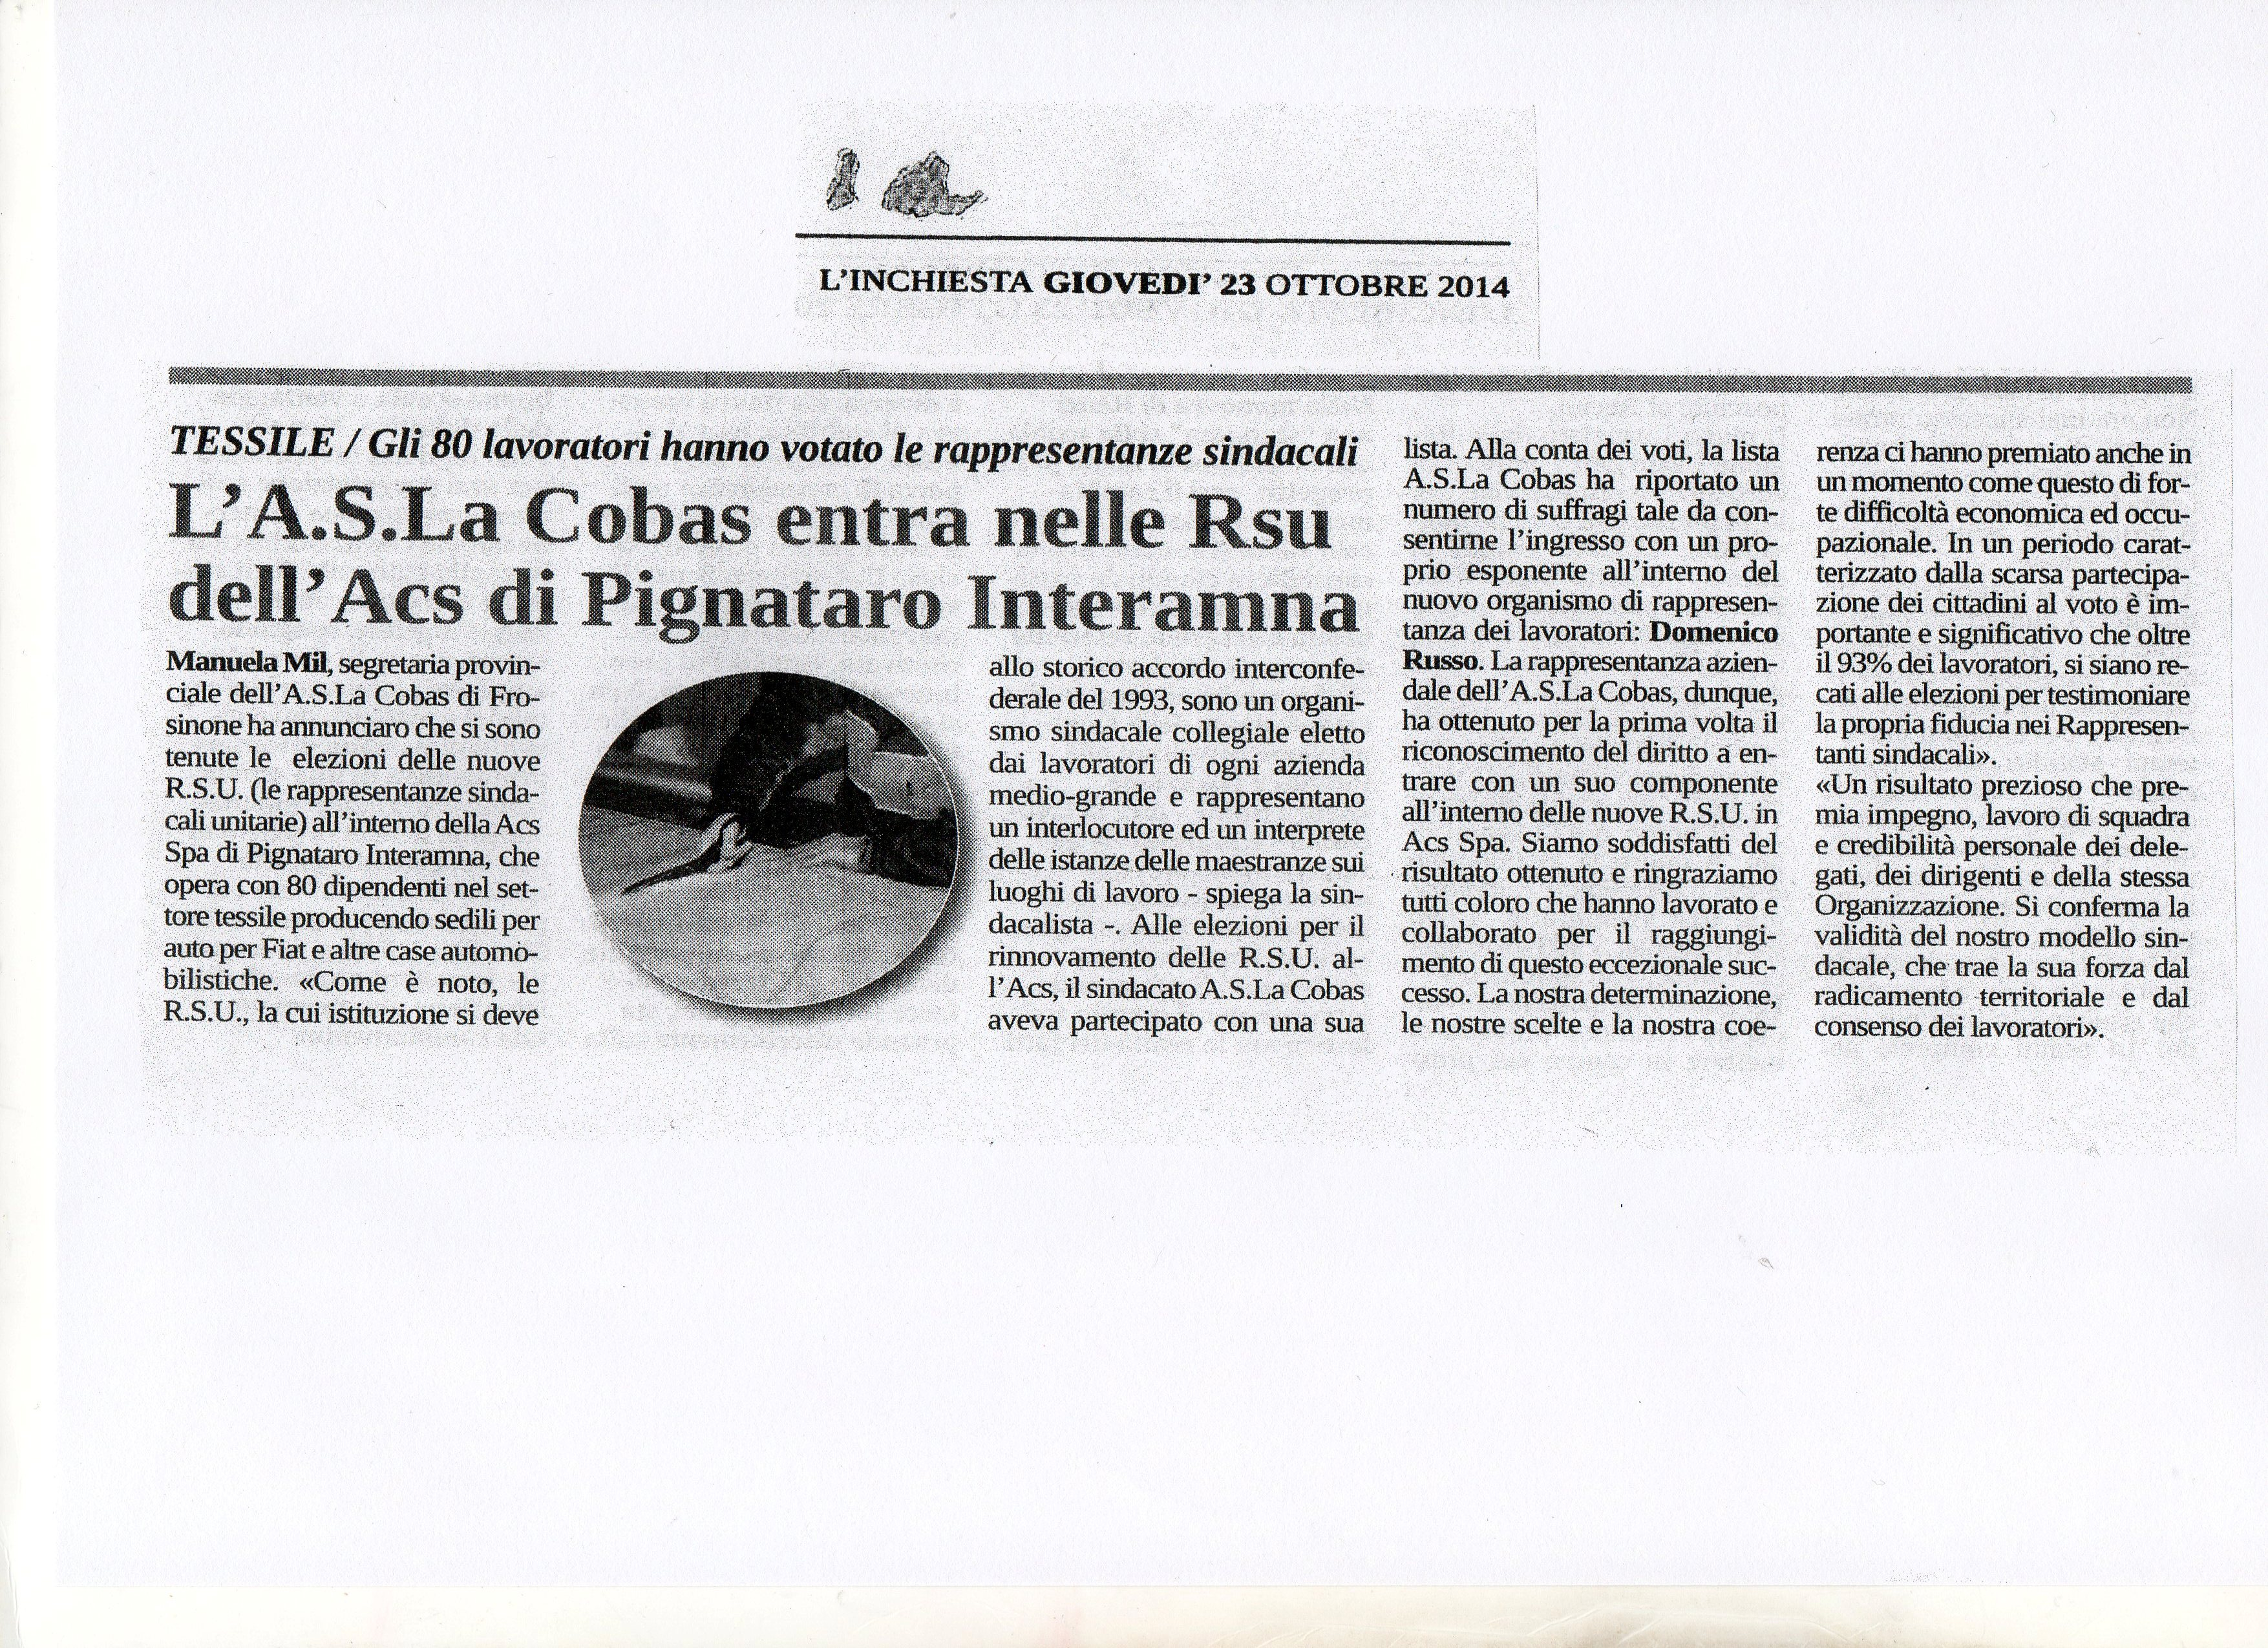 ELEZIONI ACS L'INCHIESTA DEL 23 OTTOBRE 2014002